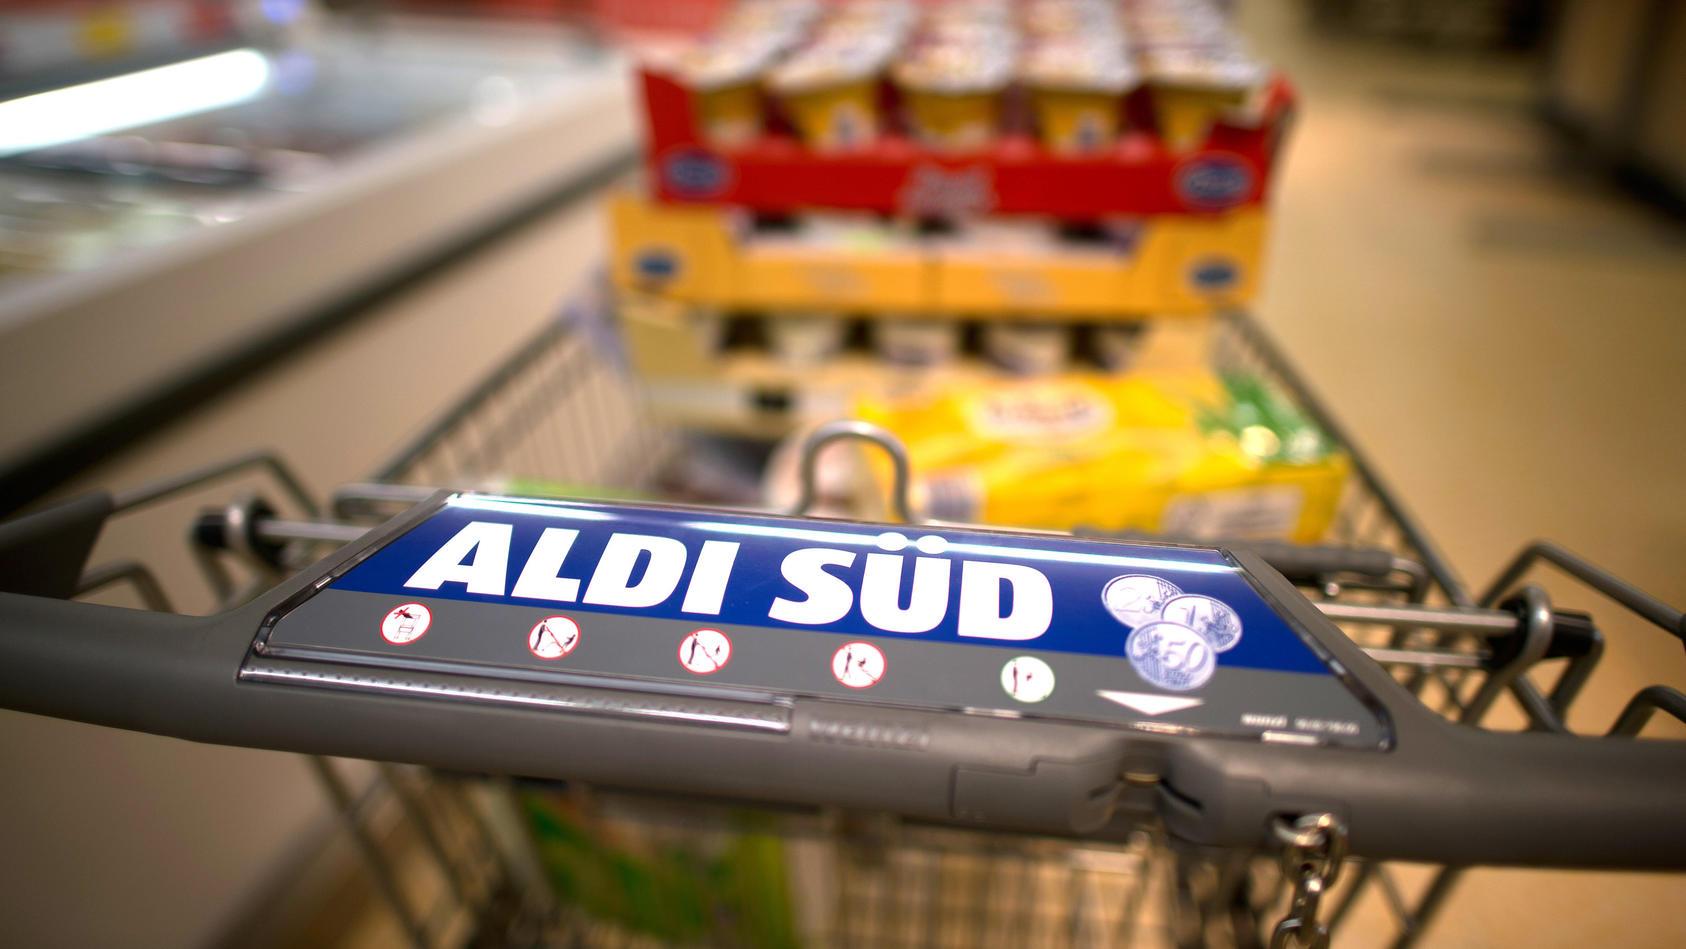 Der Teppich am Eingang der Aldi-Filialen hat eine besondere, die Einkaufswagen betreffende Funktion.